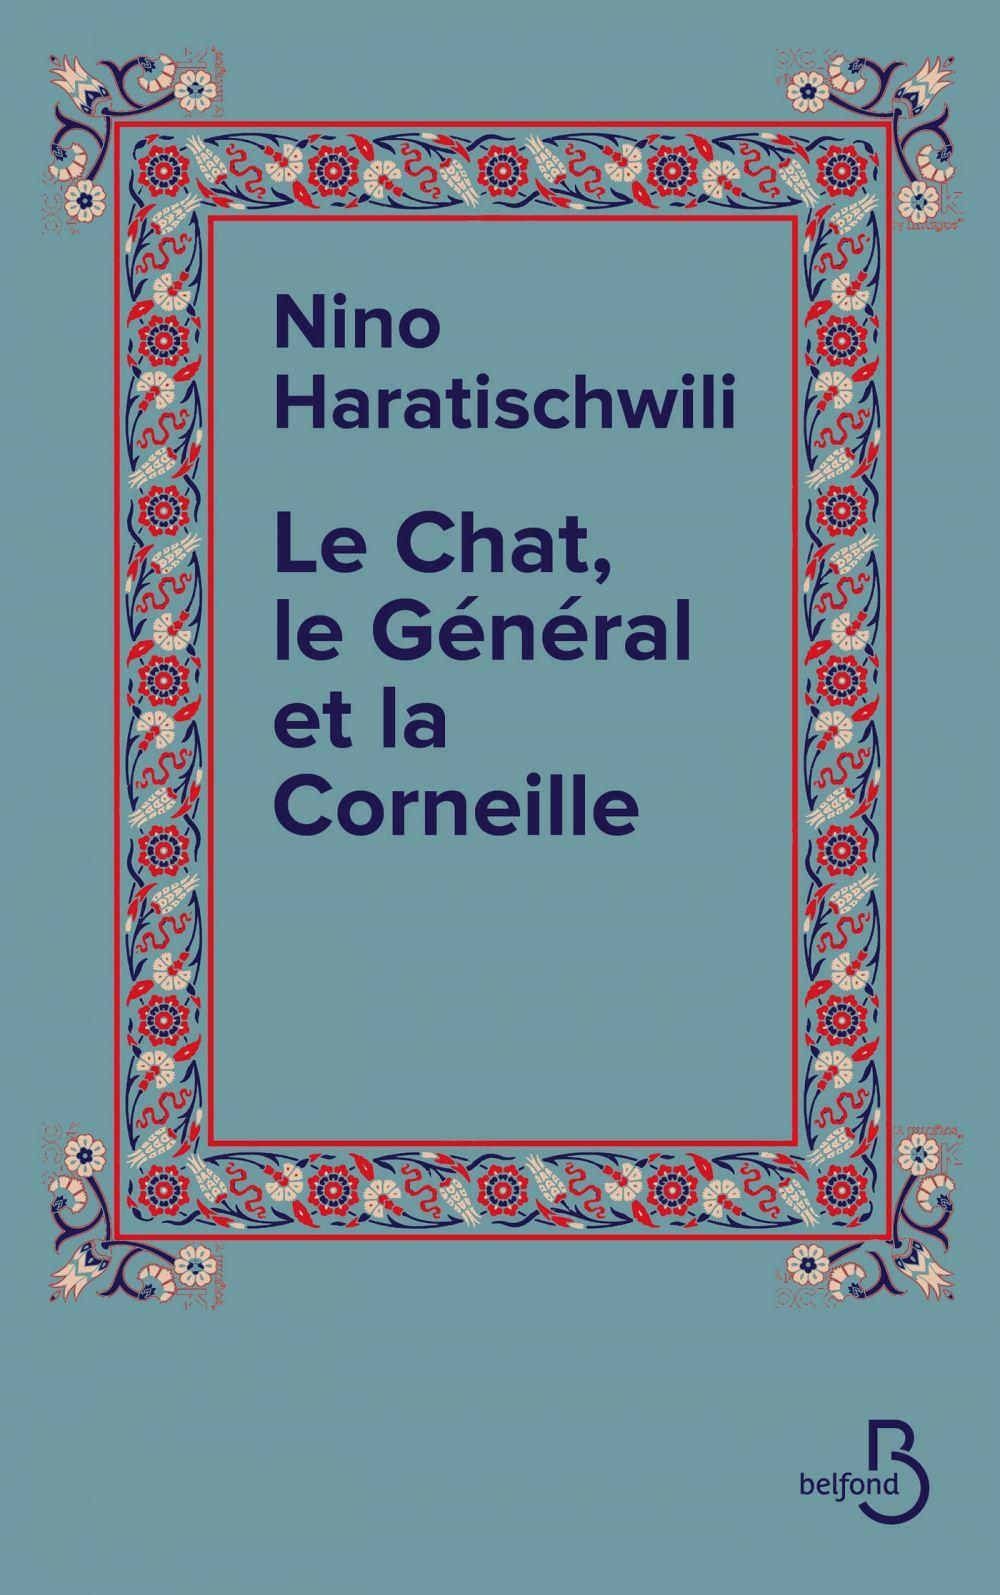 Le Chat, le Général et la Corneille |